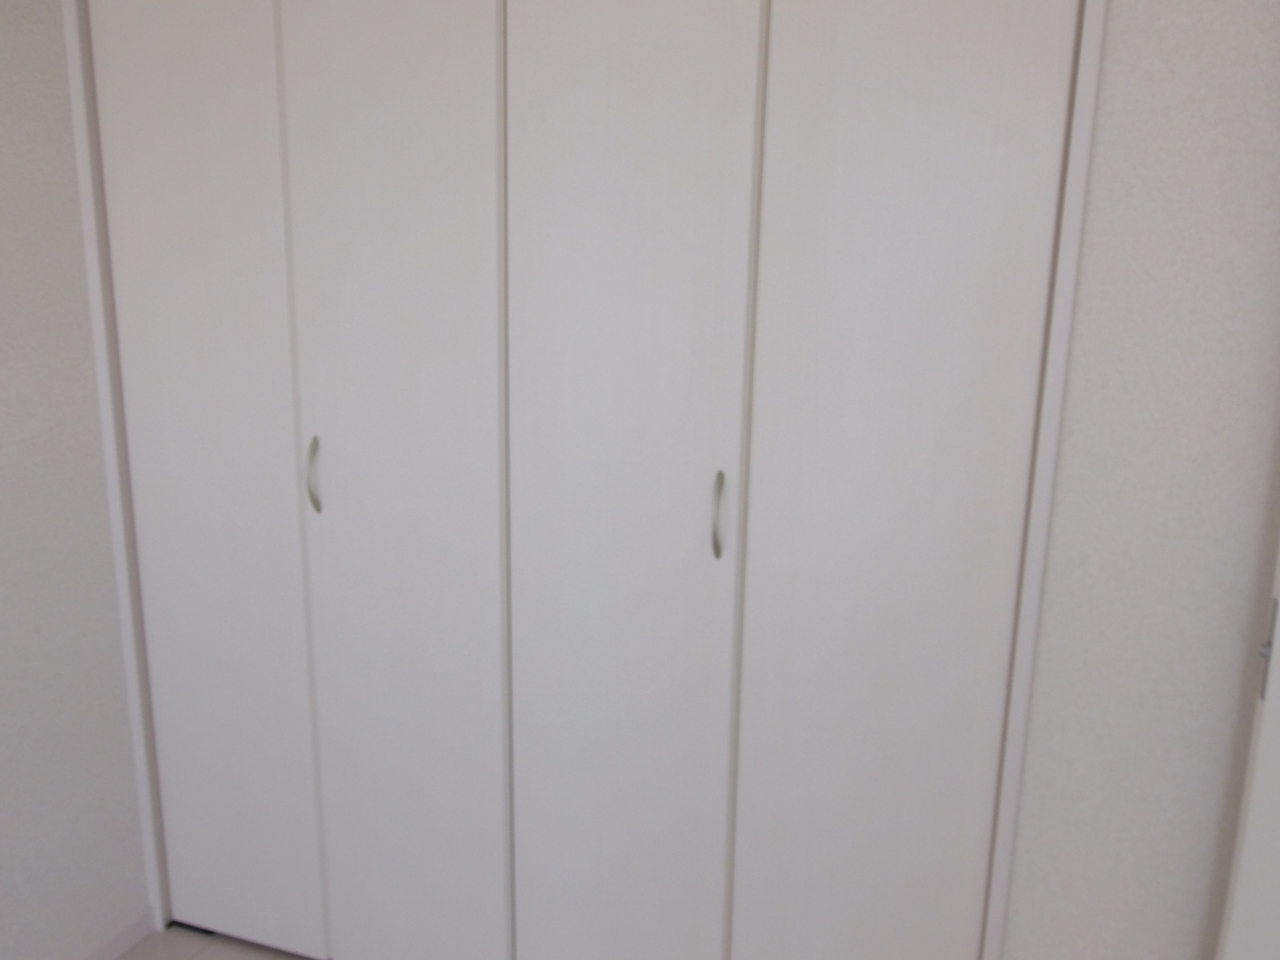 整理整頓に便利な収納が備わっているのはうれしいですね